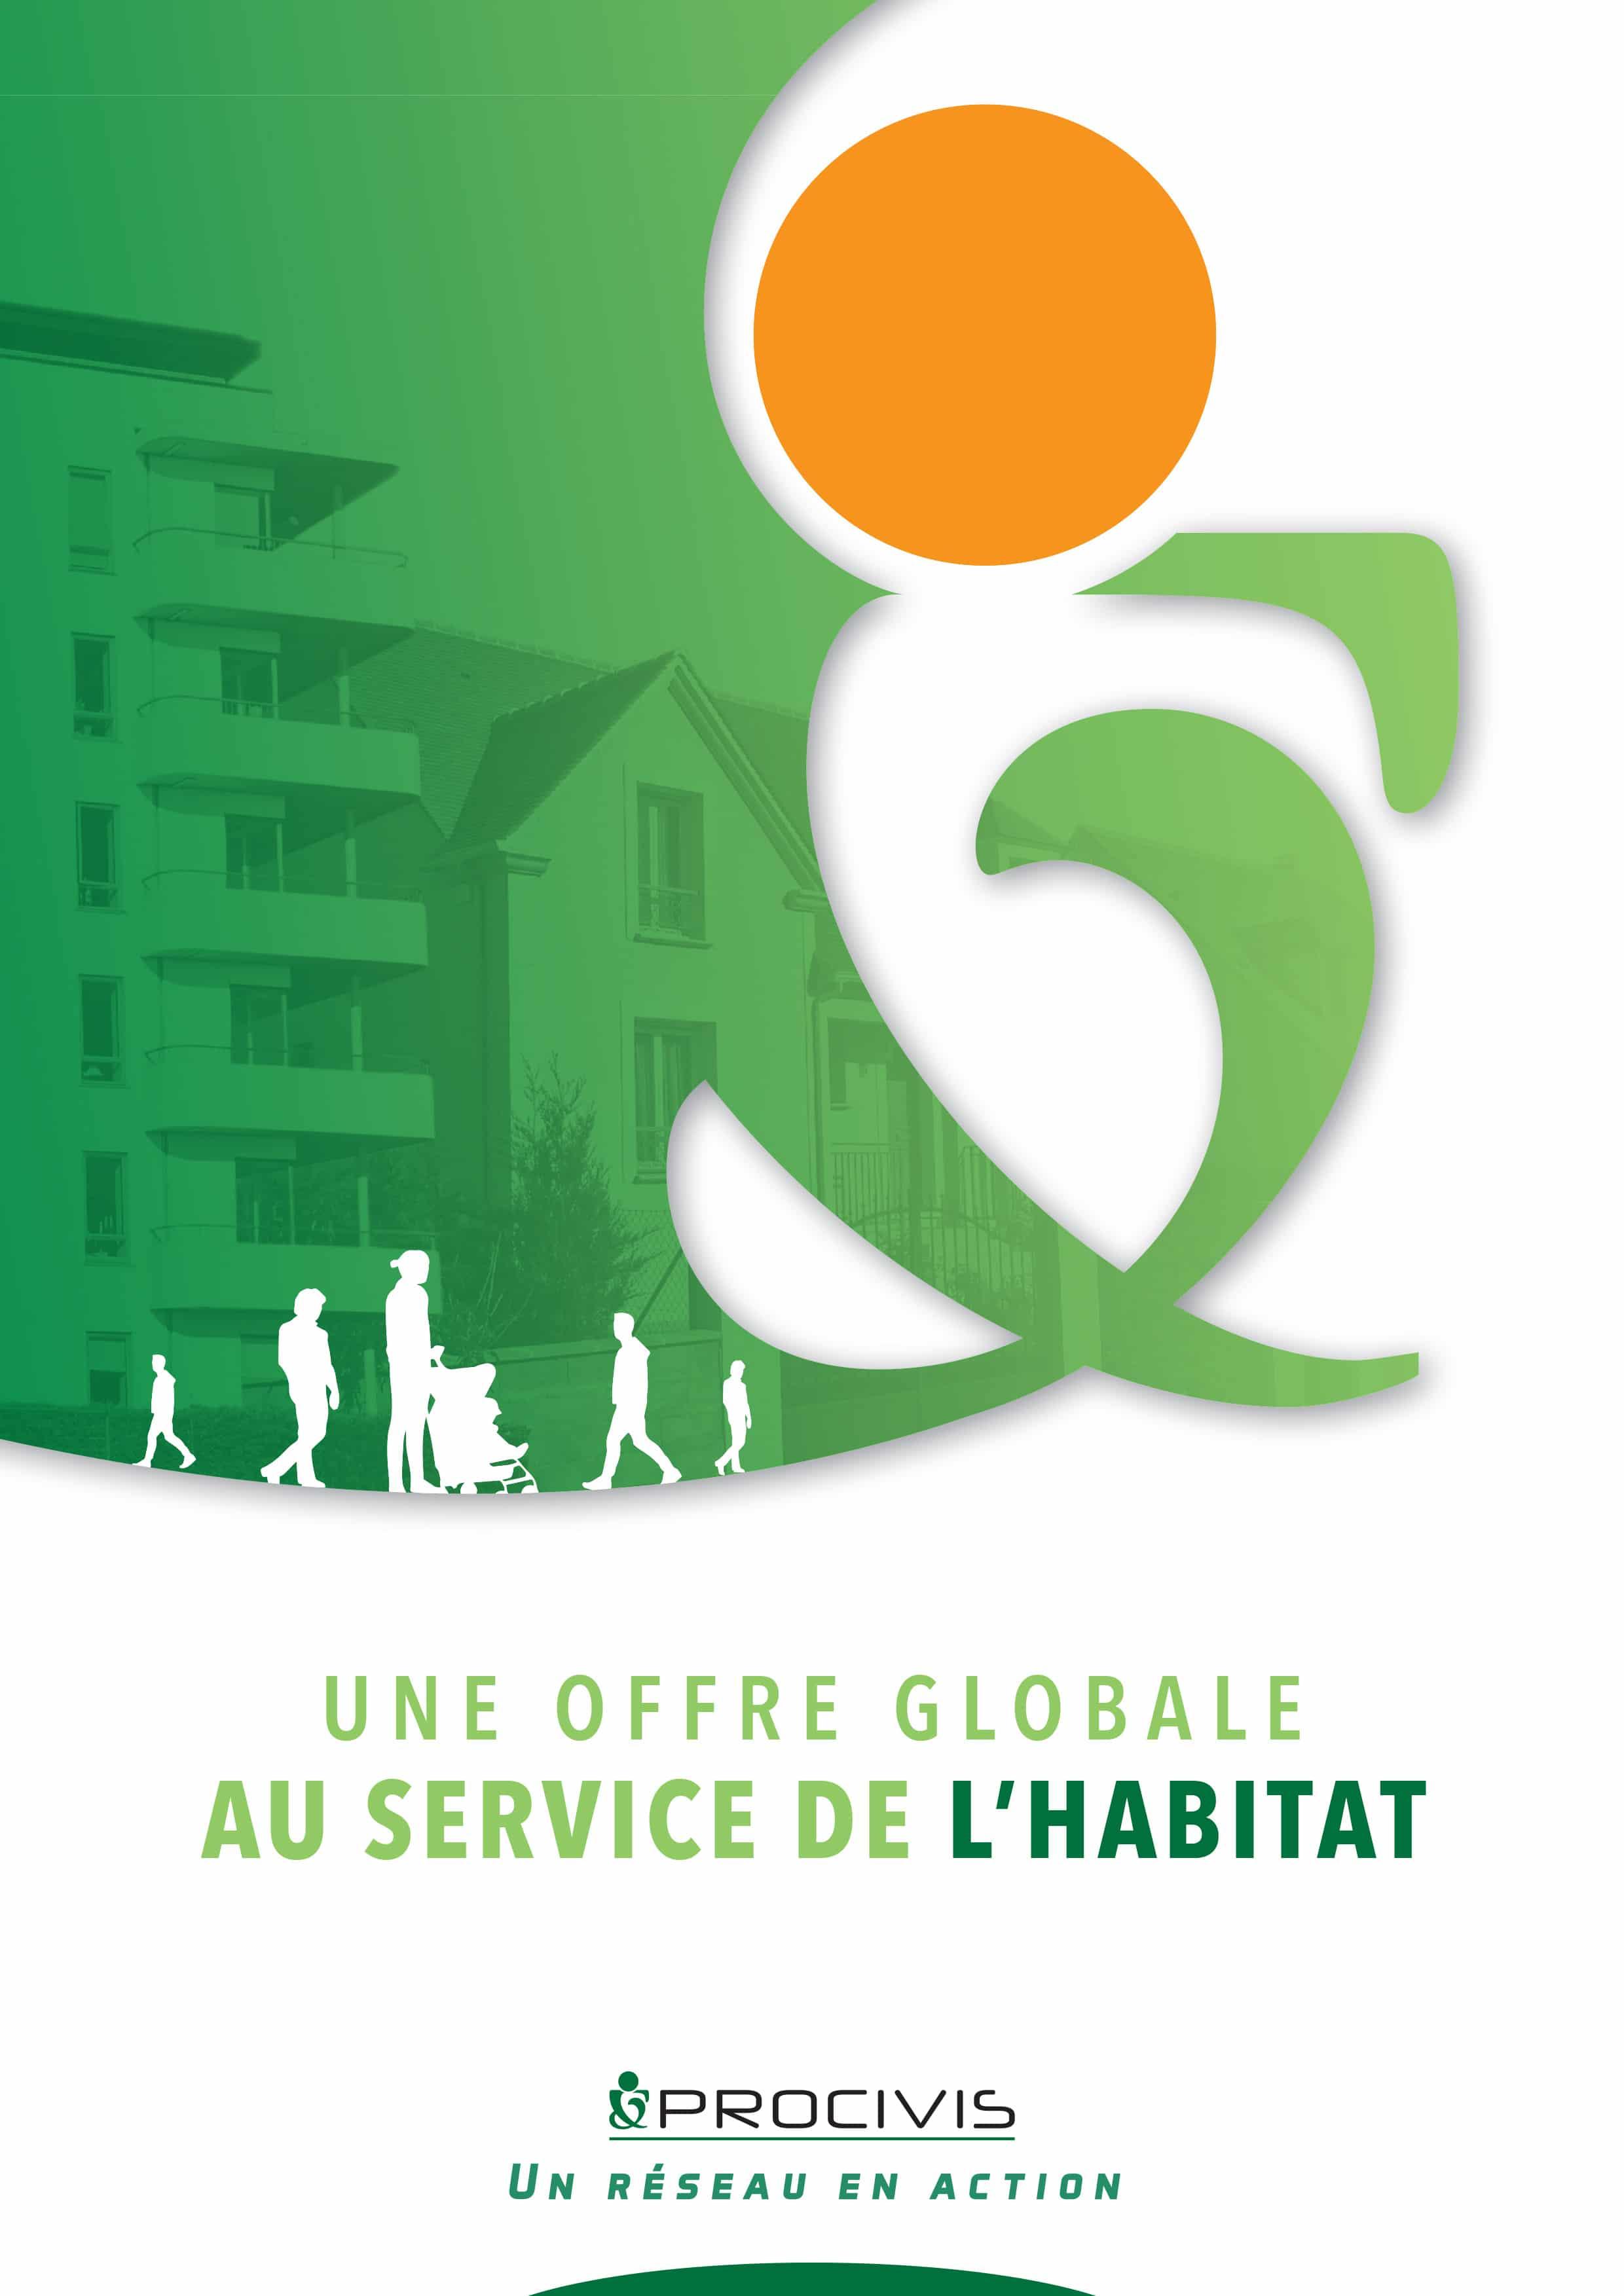 procivis plaquette réseau offre globale service habitat immobilier social